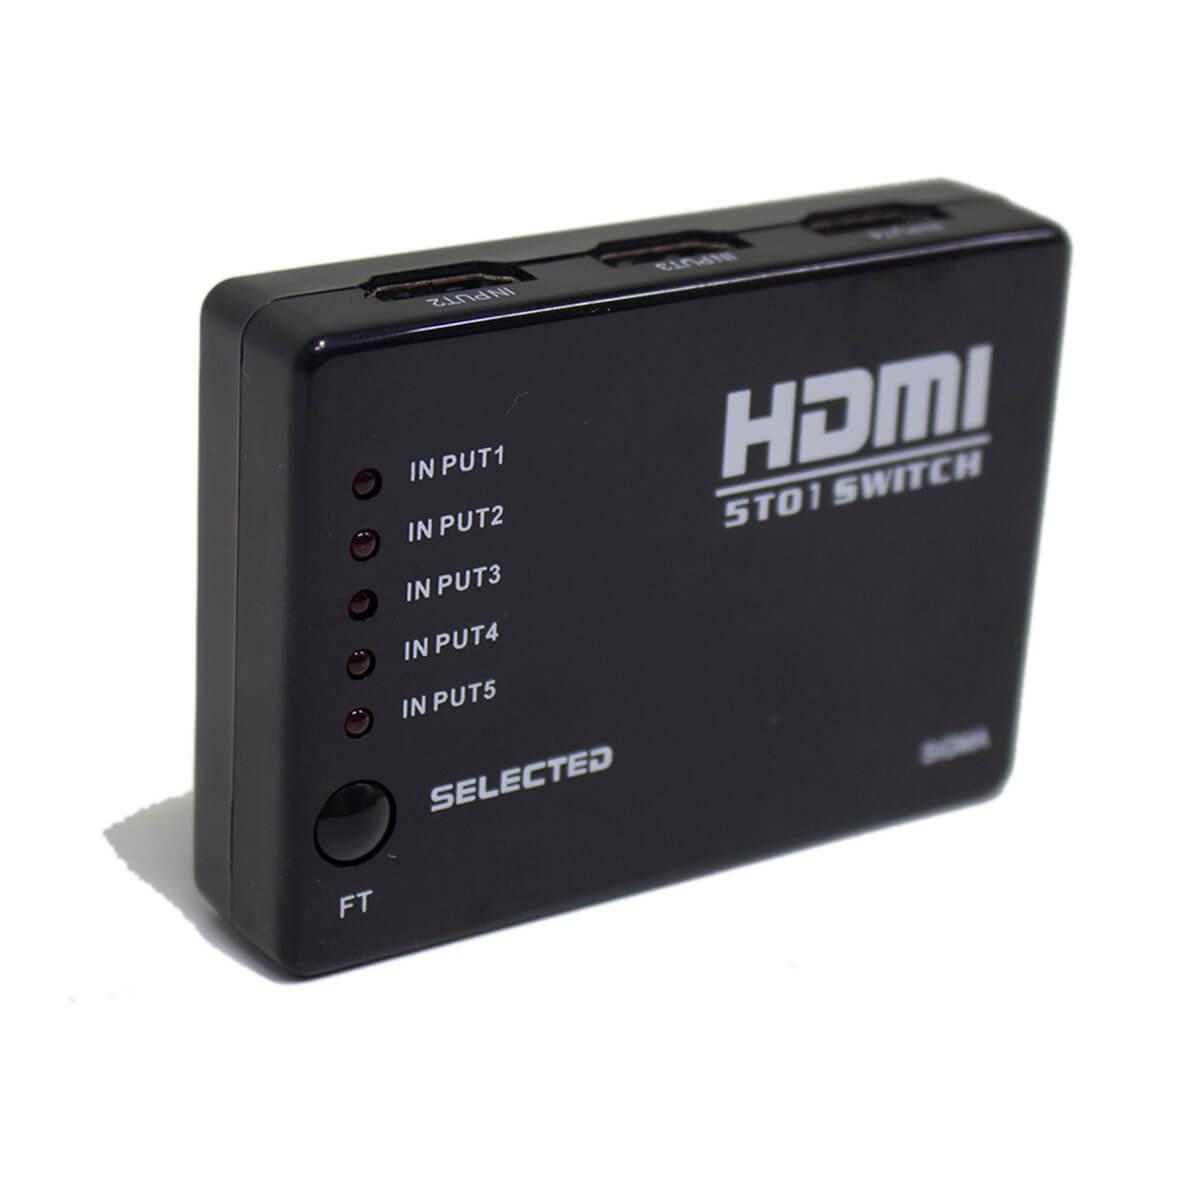 Switch HDMI 5 Entradas x 1 Saida com Controle Remoto e Extensor XT-3003